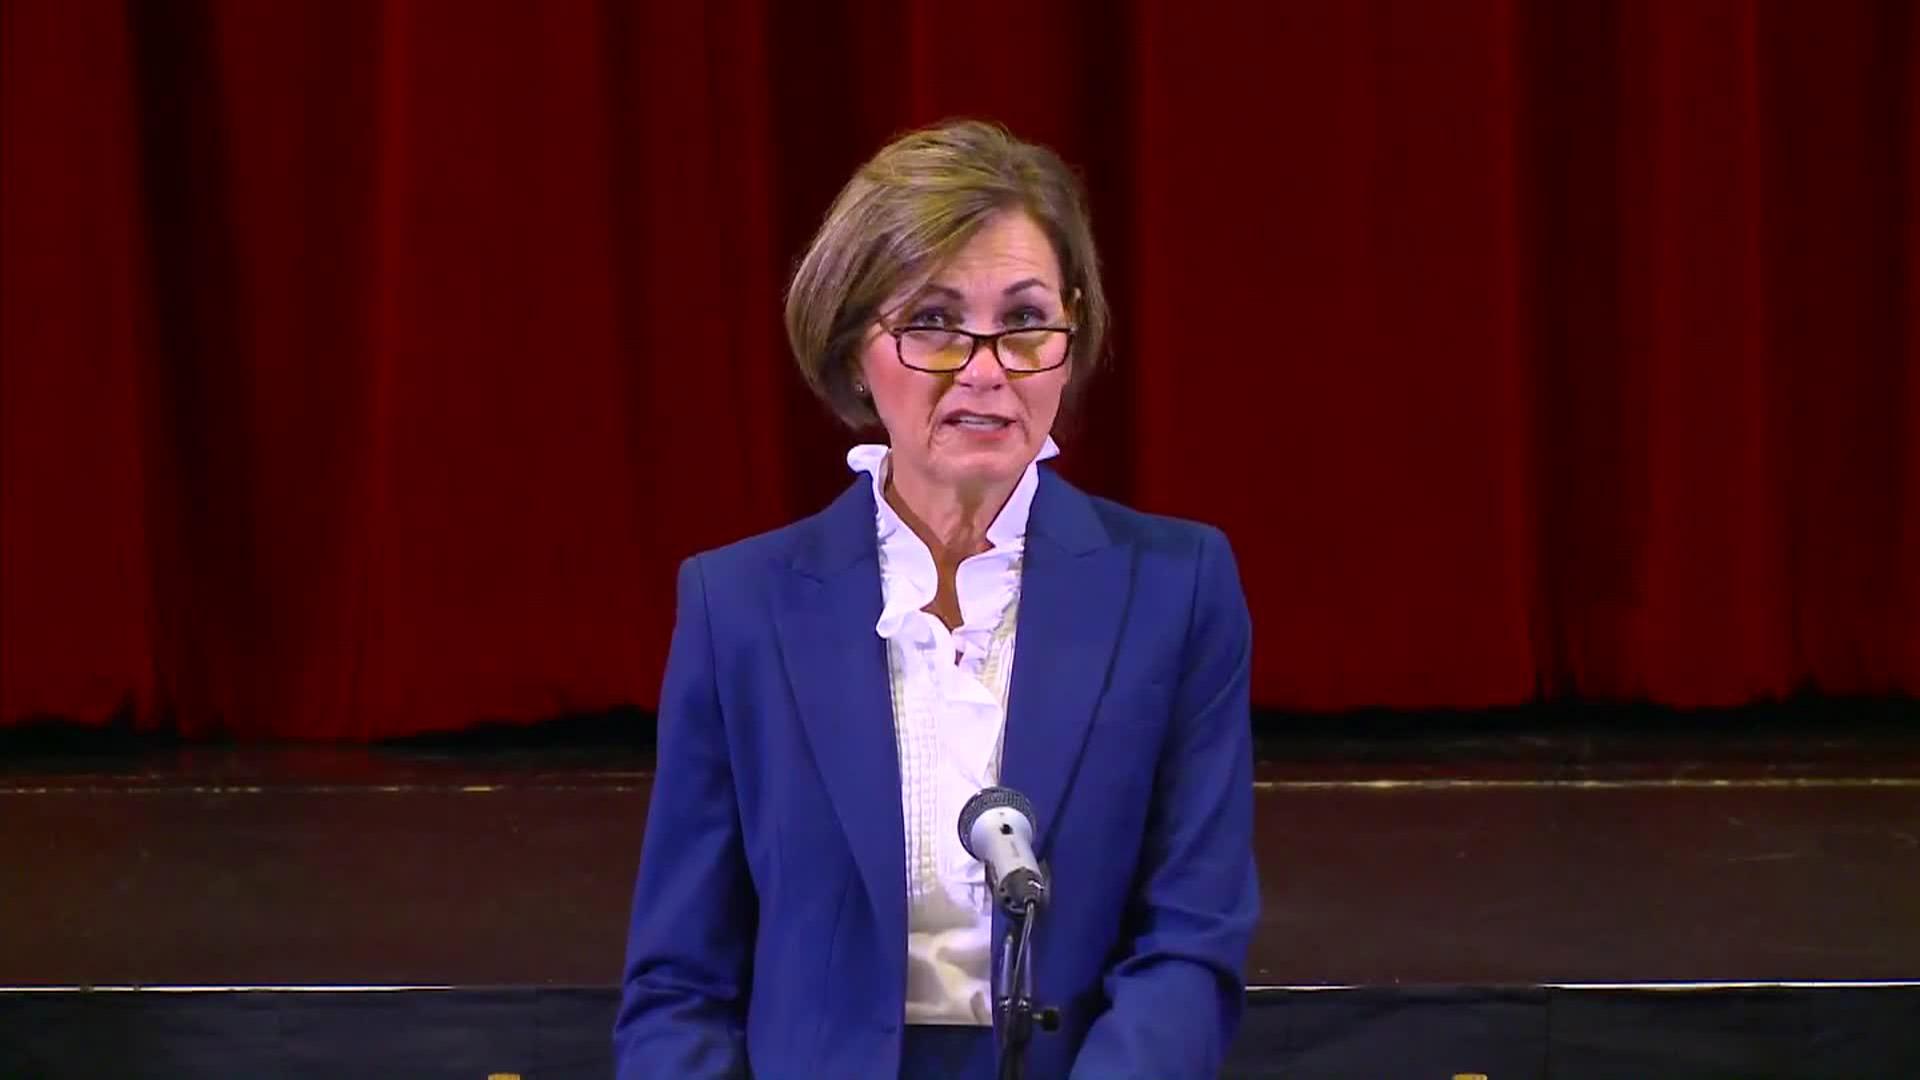 Iowa Gov. Kim Reynolds speaks during a press conference in Van Meter, Iowa, on July 17.